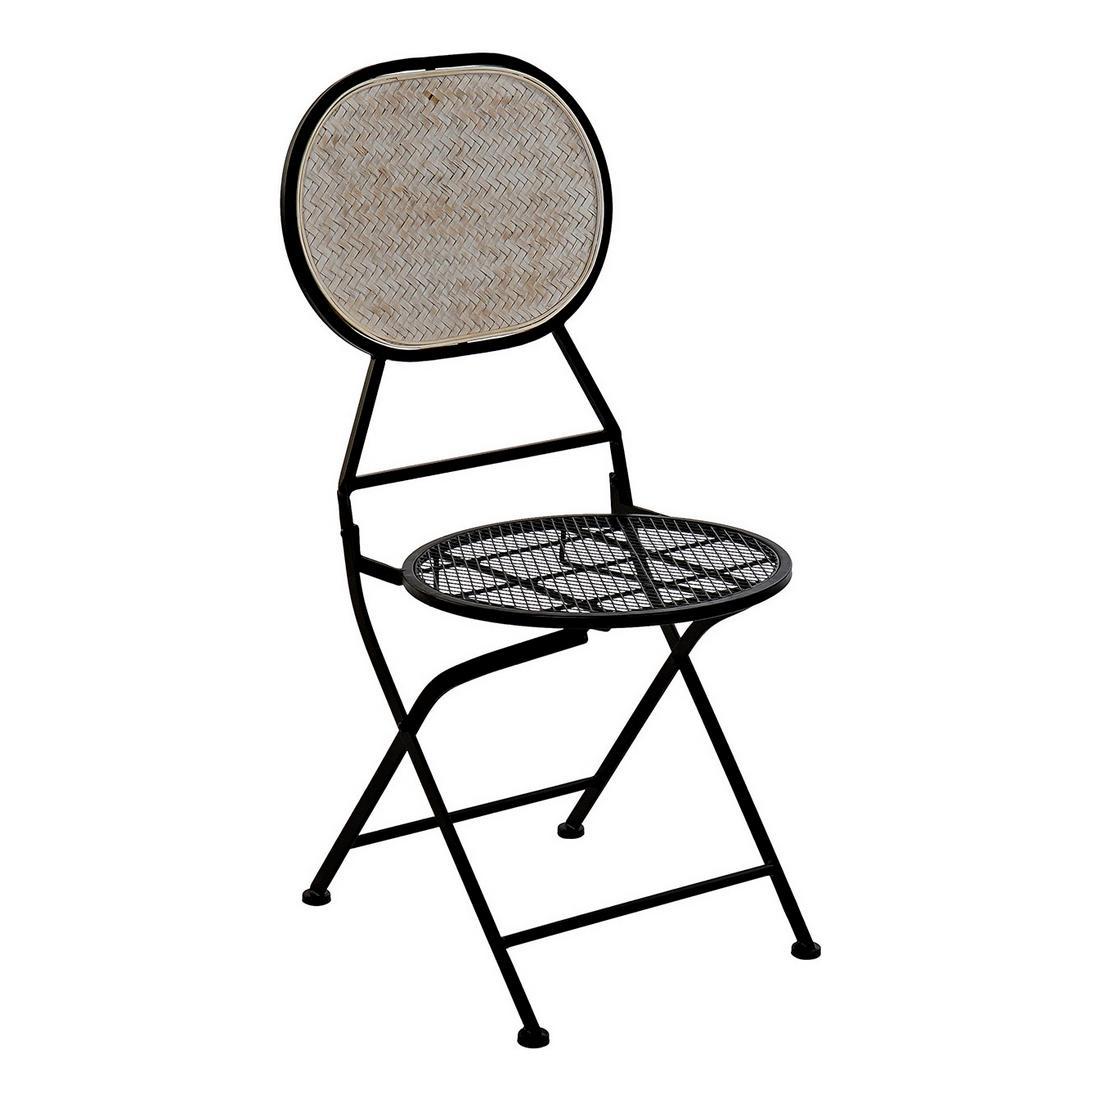 Garden chair DKD Home Decor Metal Bamboo (42 x 50 x 92 cm)